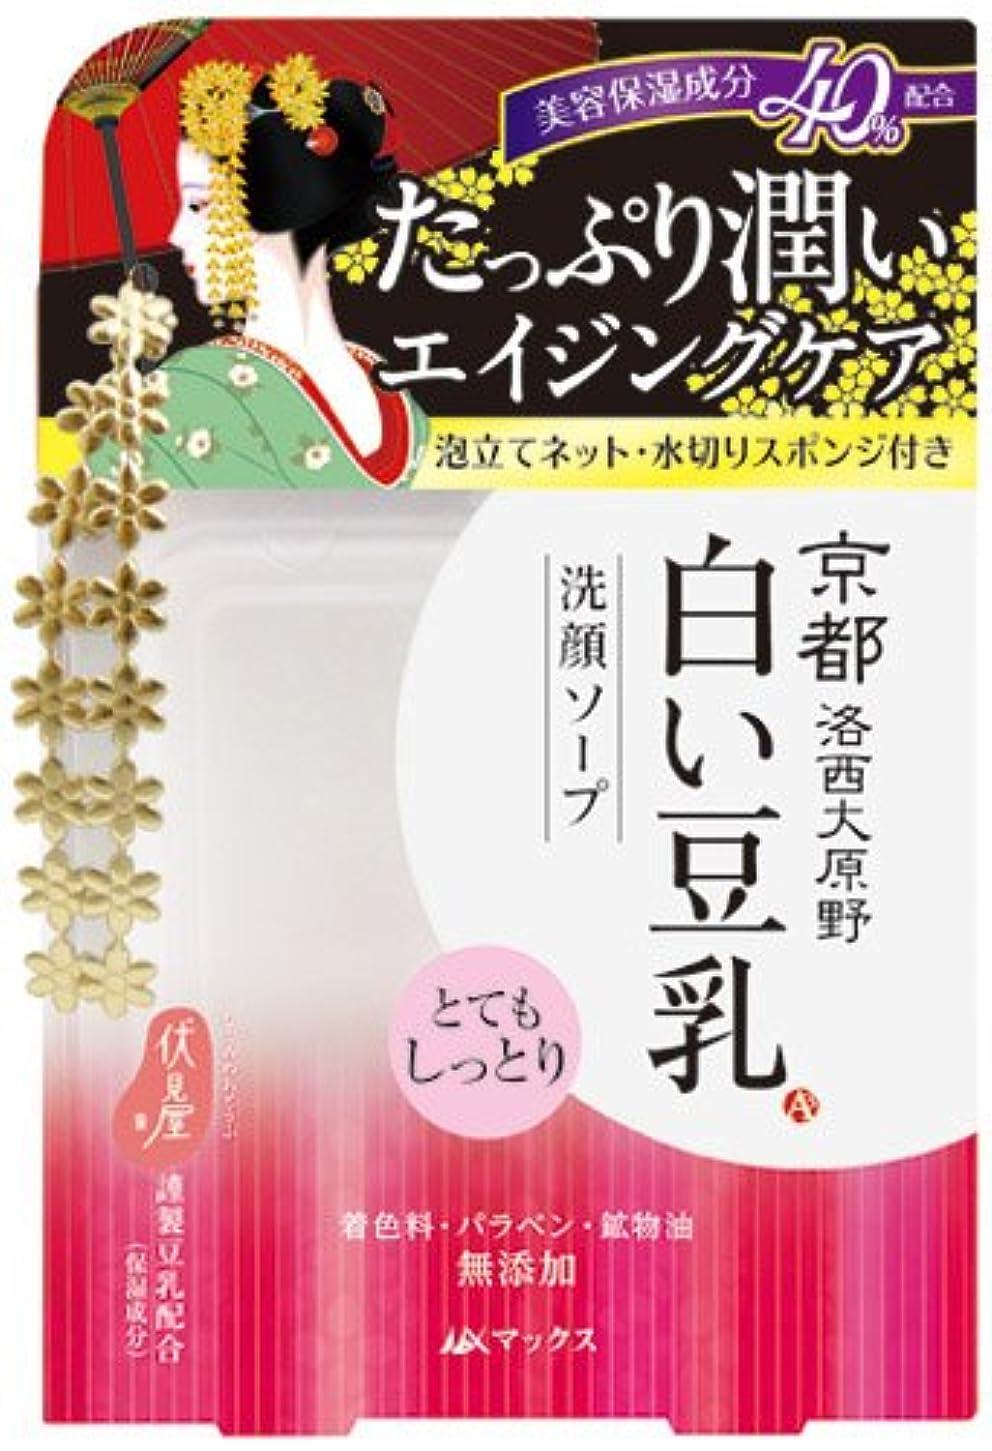 ブームキャッチまともな京都 白い豆乳 洗顔ソープ 100g